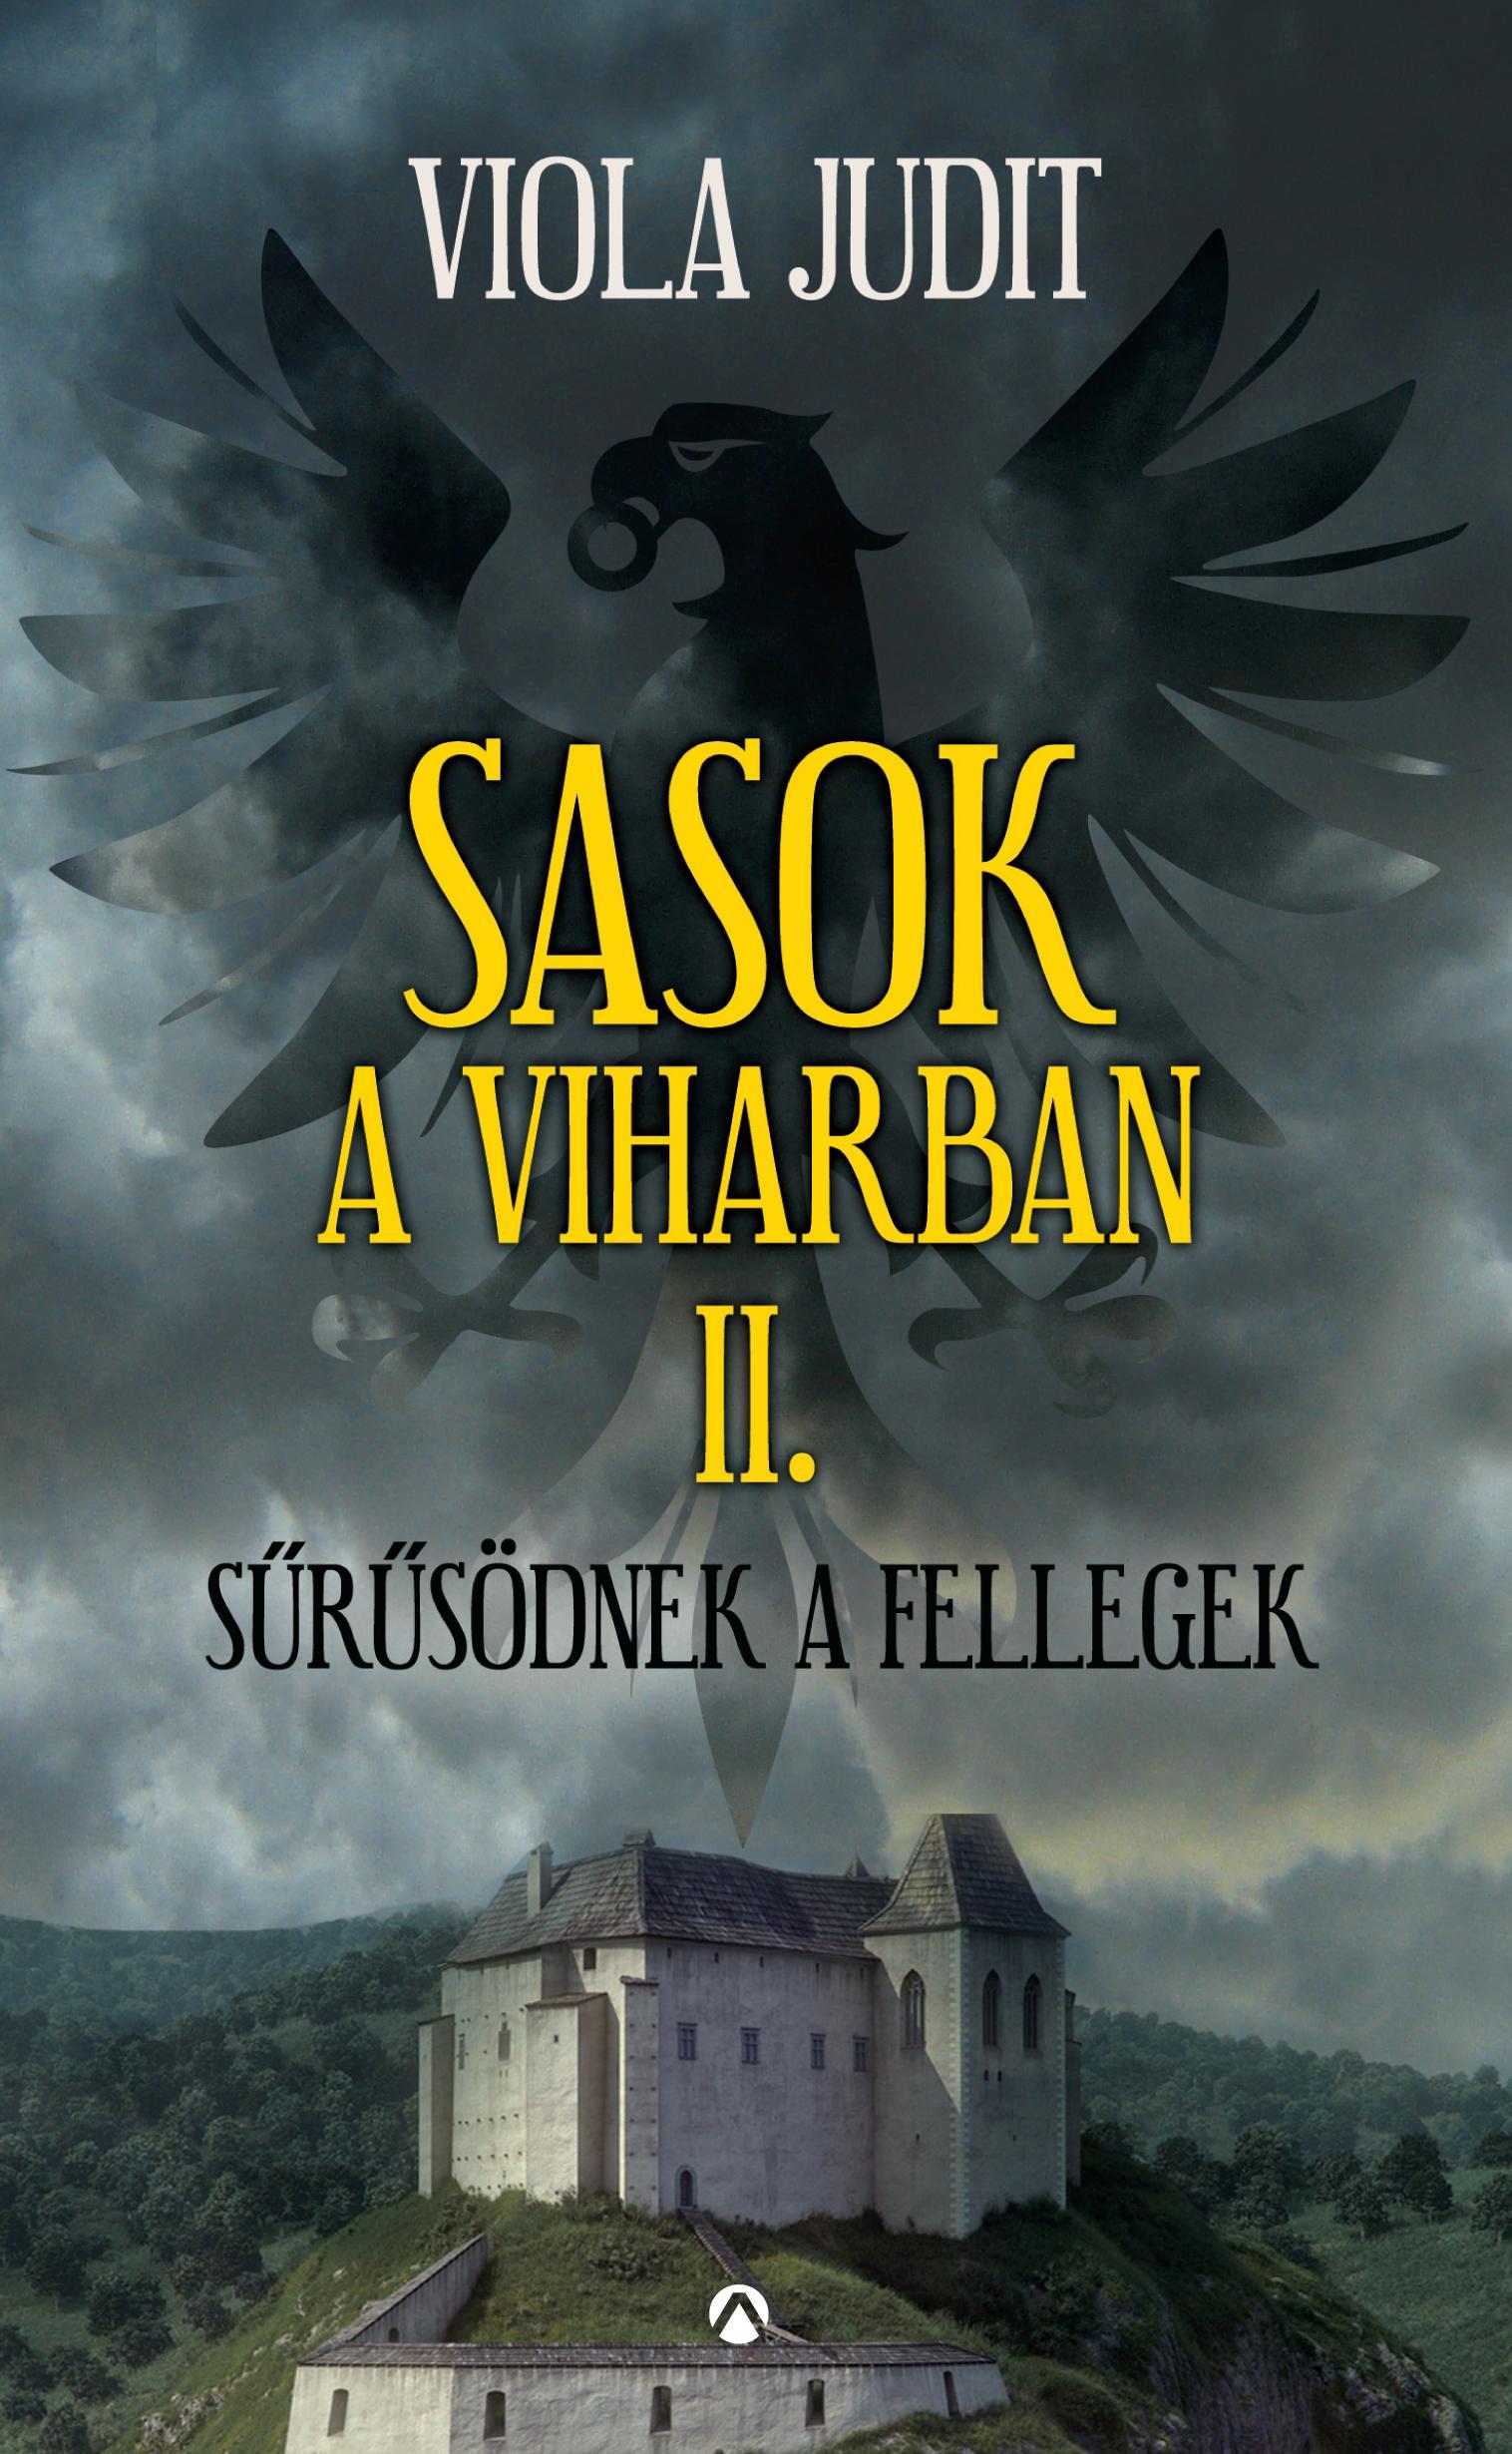 SASOK A VIHARBAN II. - SŰRŰSÖDNEK A FELLEGEK